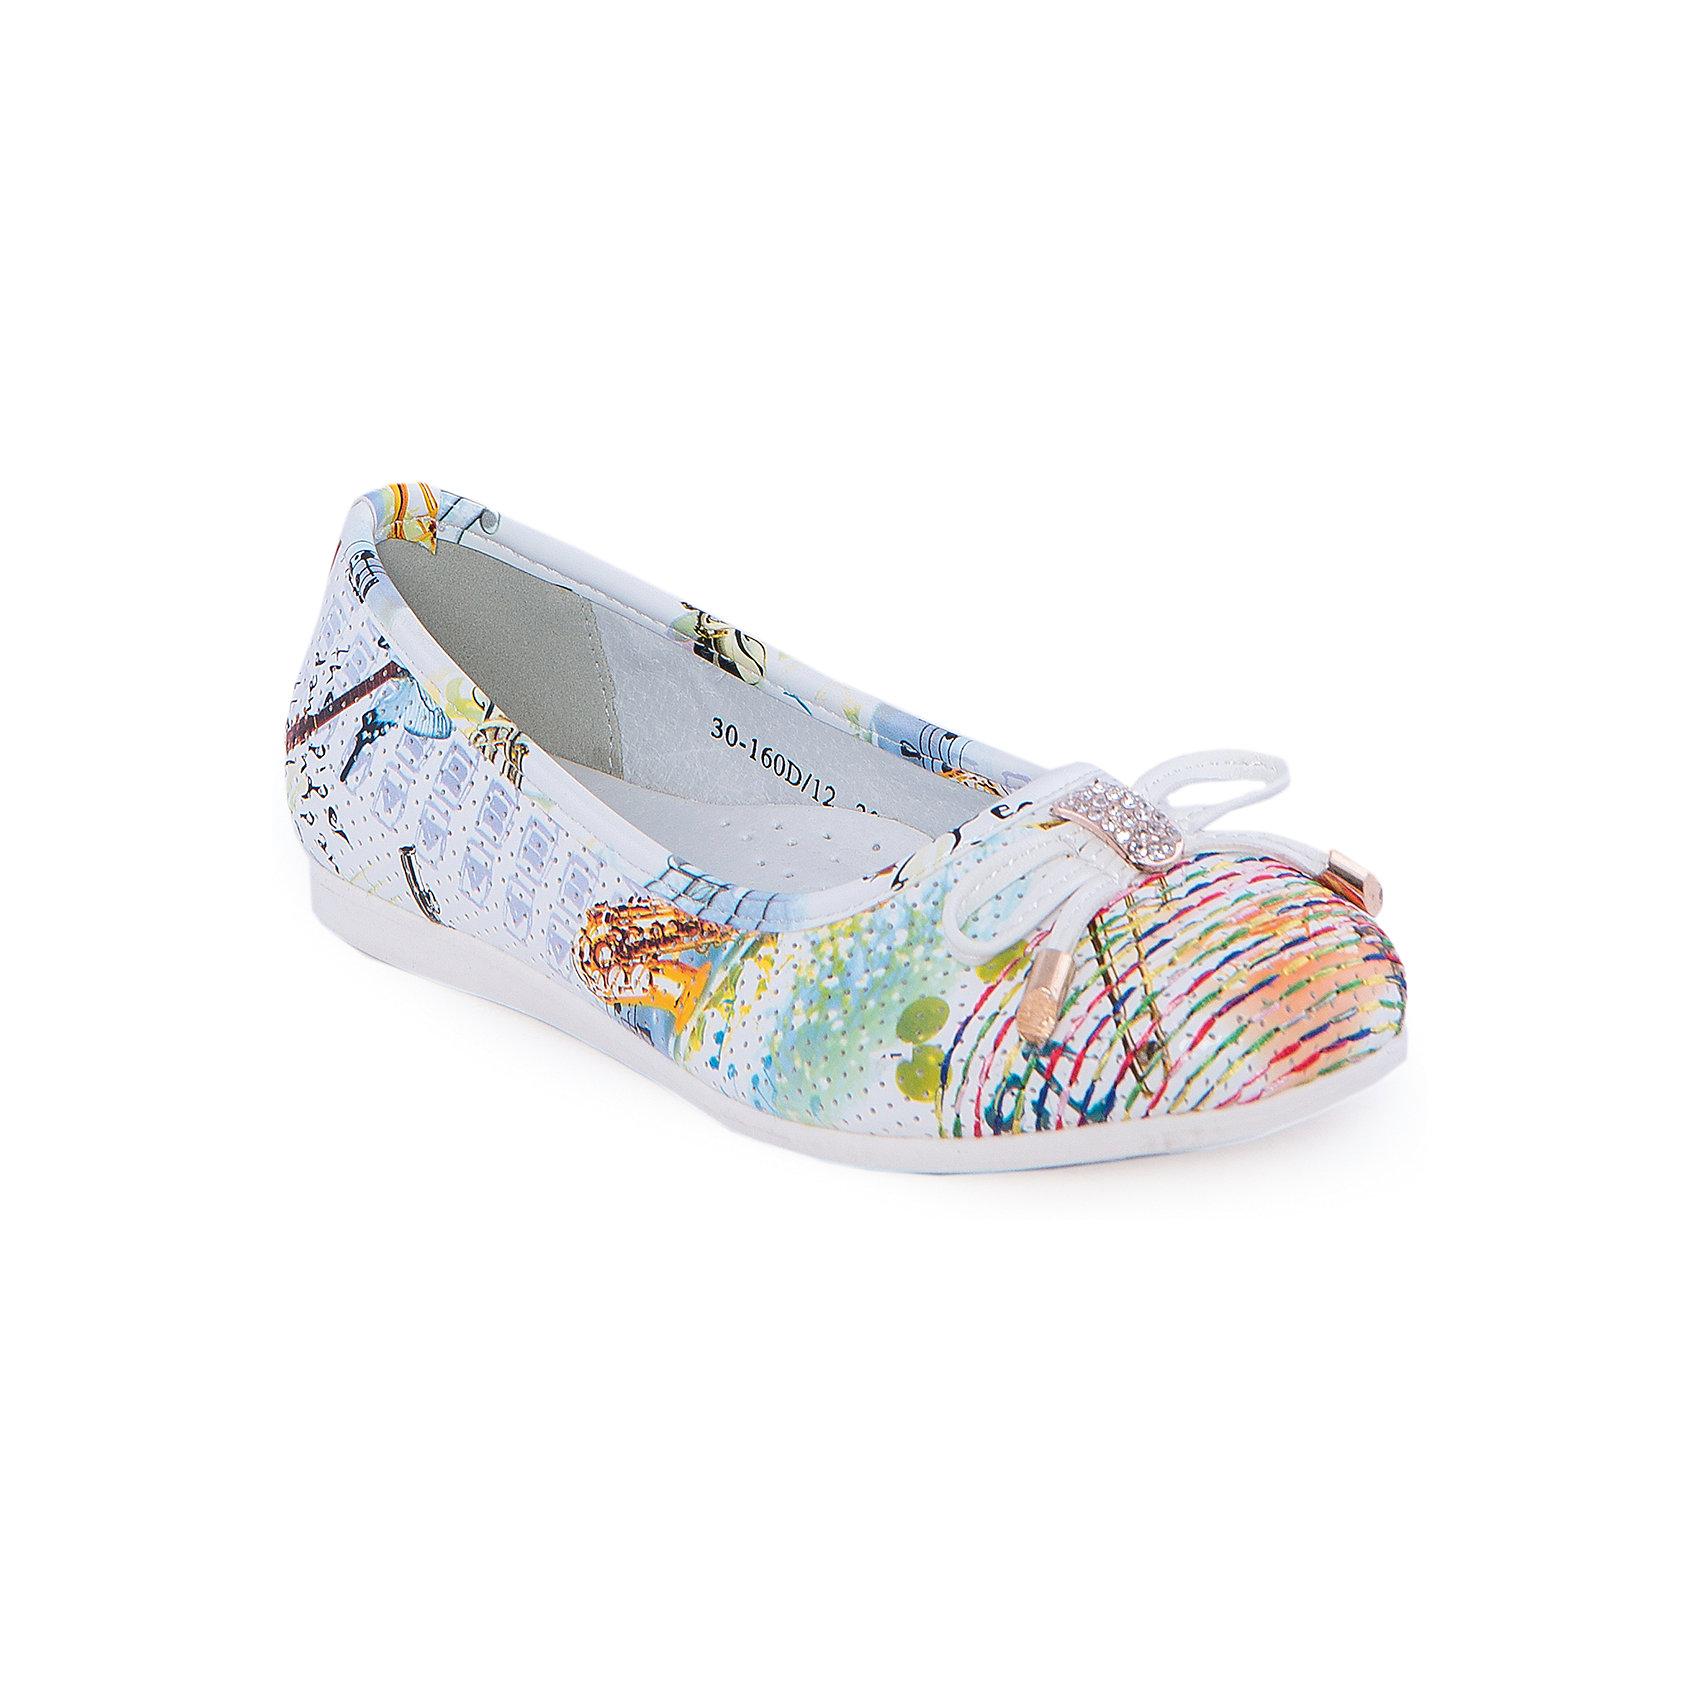 Балетки для девочки Indigo kidsБалетки<br>Туфли для девочки от известного бренда Indigo kids <br> <br>Яркие эффектные туфли-балетки отлично подойдут к праздничному наряду, а также они внесут яркую нотку в будничный ансамбль. Туфли легко надеваются, комфортно садятся по ноге, дают коже дышать. <br> <br>Особенности модели: <br> <br>- цвет: разноцветный; <br>- стильный дизайн; <br>- удобная колодка; <br>- каблук: нет; <br>- подкладка из натуральной кожи; <br>- перфорация на изделии, обеспечивающая вентиляцию; <br>- украшение - бант из кожи, стразы, яркая прошивка на носке; <br>- устойчивая нескользящая подошва; <br>- без застежки. <br> <br>Дополнительная информация: <br> <br>Состав: <br> <br>верх – искусственная кожа; <br>подкладка - натуральная кожа; <br>подошва - ТЭП. <br> <br>Туфли для девочки Indigo kids (Индиго Кидс) можно купить в нашем магазине.<br><br>Ширина мм: 227<br>Глубина мм: 145<br>Высота мм: 124<br>Вес г: 325<br>Цвет: белый<br>Возраст от месяцев: 96<br>Возраст до месяцев: 108<br>Пол: Женский<br>Возраст: Детский<br>Размер: 32,34,33,31,30,35<br>SKU: 4547747